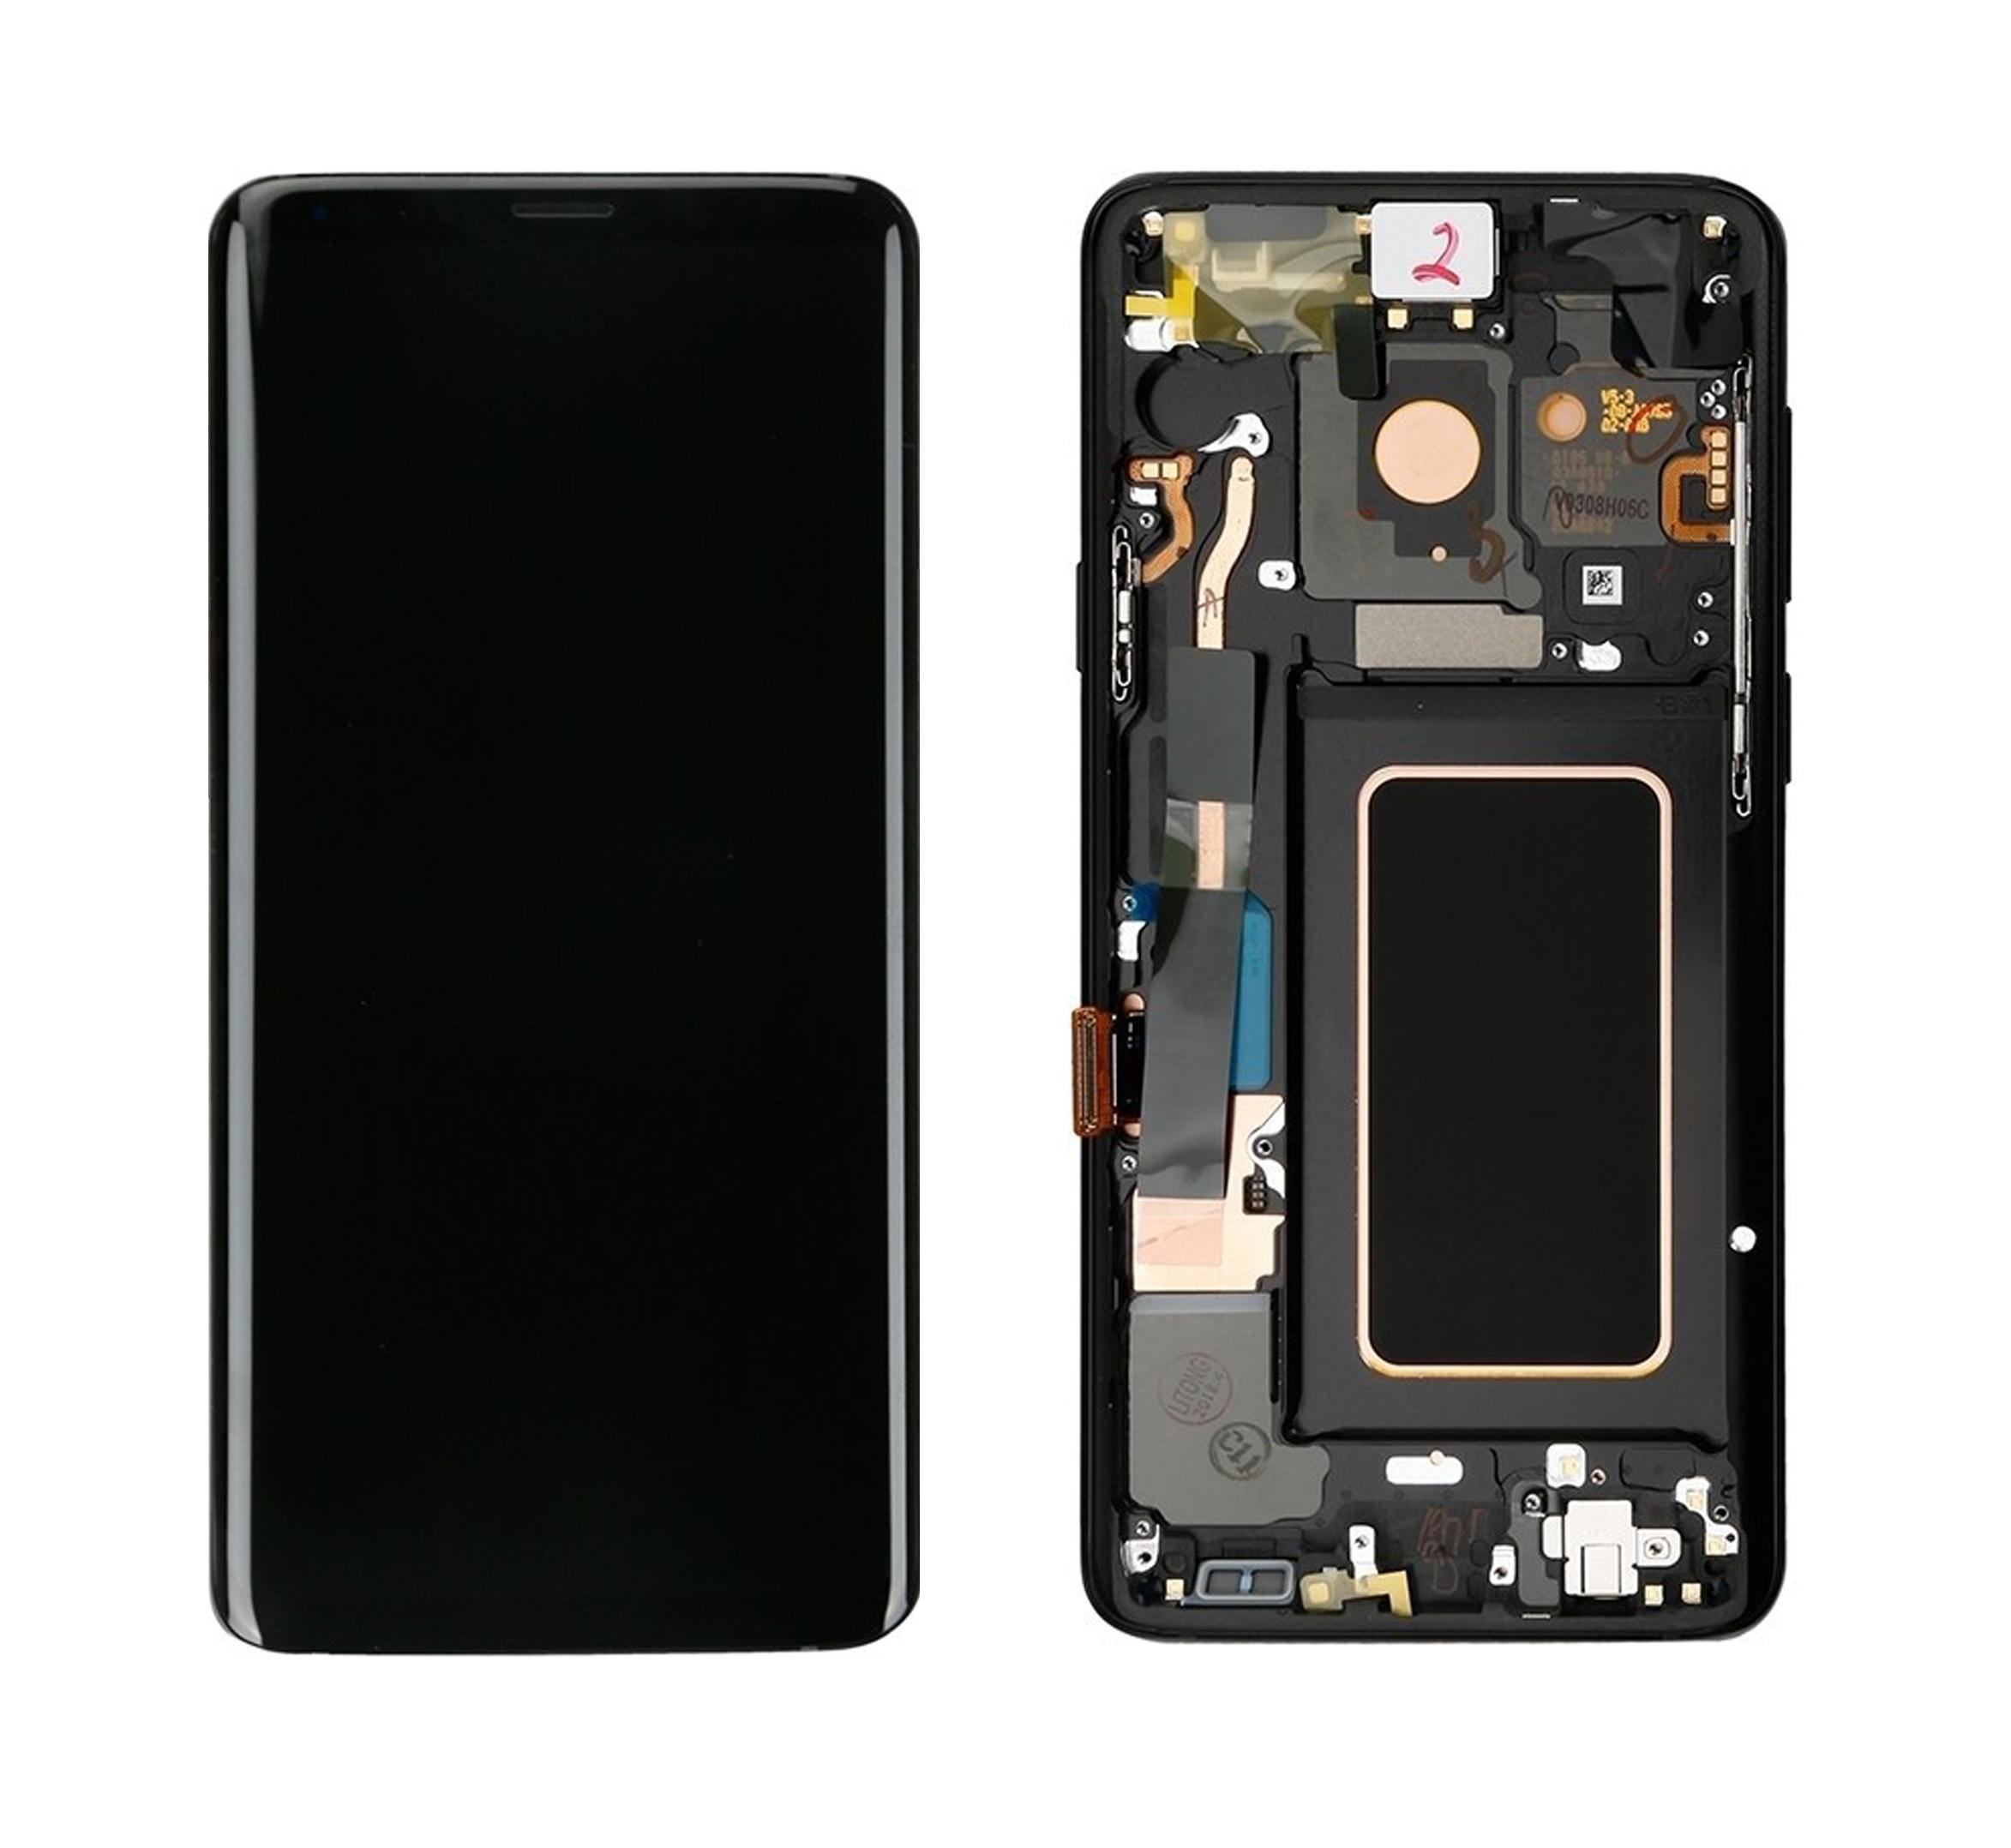 ราคาหน้าจองานแท้ Samsung S9 สีดำ แถมฟรีไขควง ชุดแกะเครื่อง+กาวติดหน้าจอ